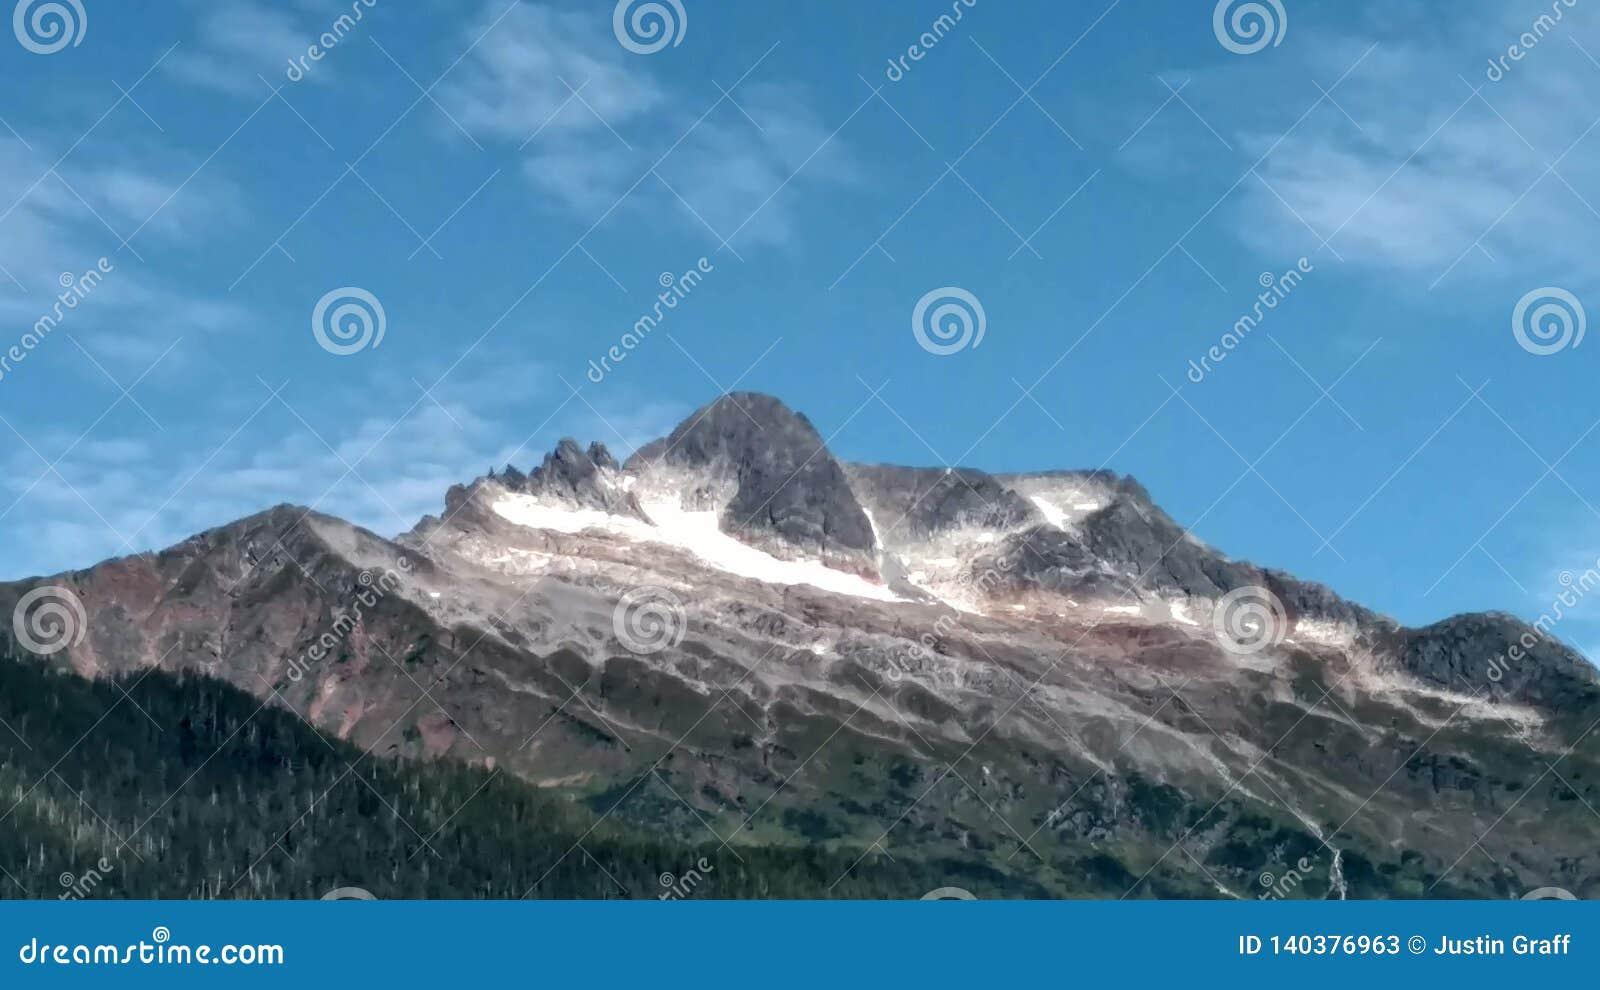 Schnee umfasste Gebirgsspitze unter einem blauen Himmel mit wispy Wolken